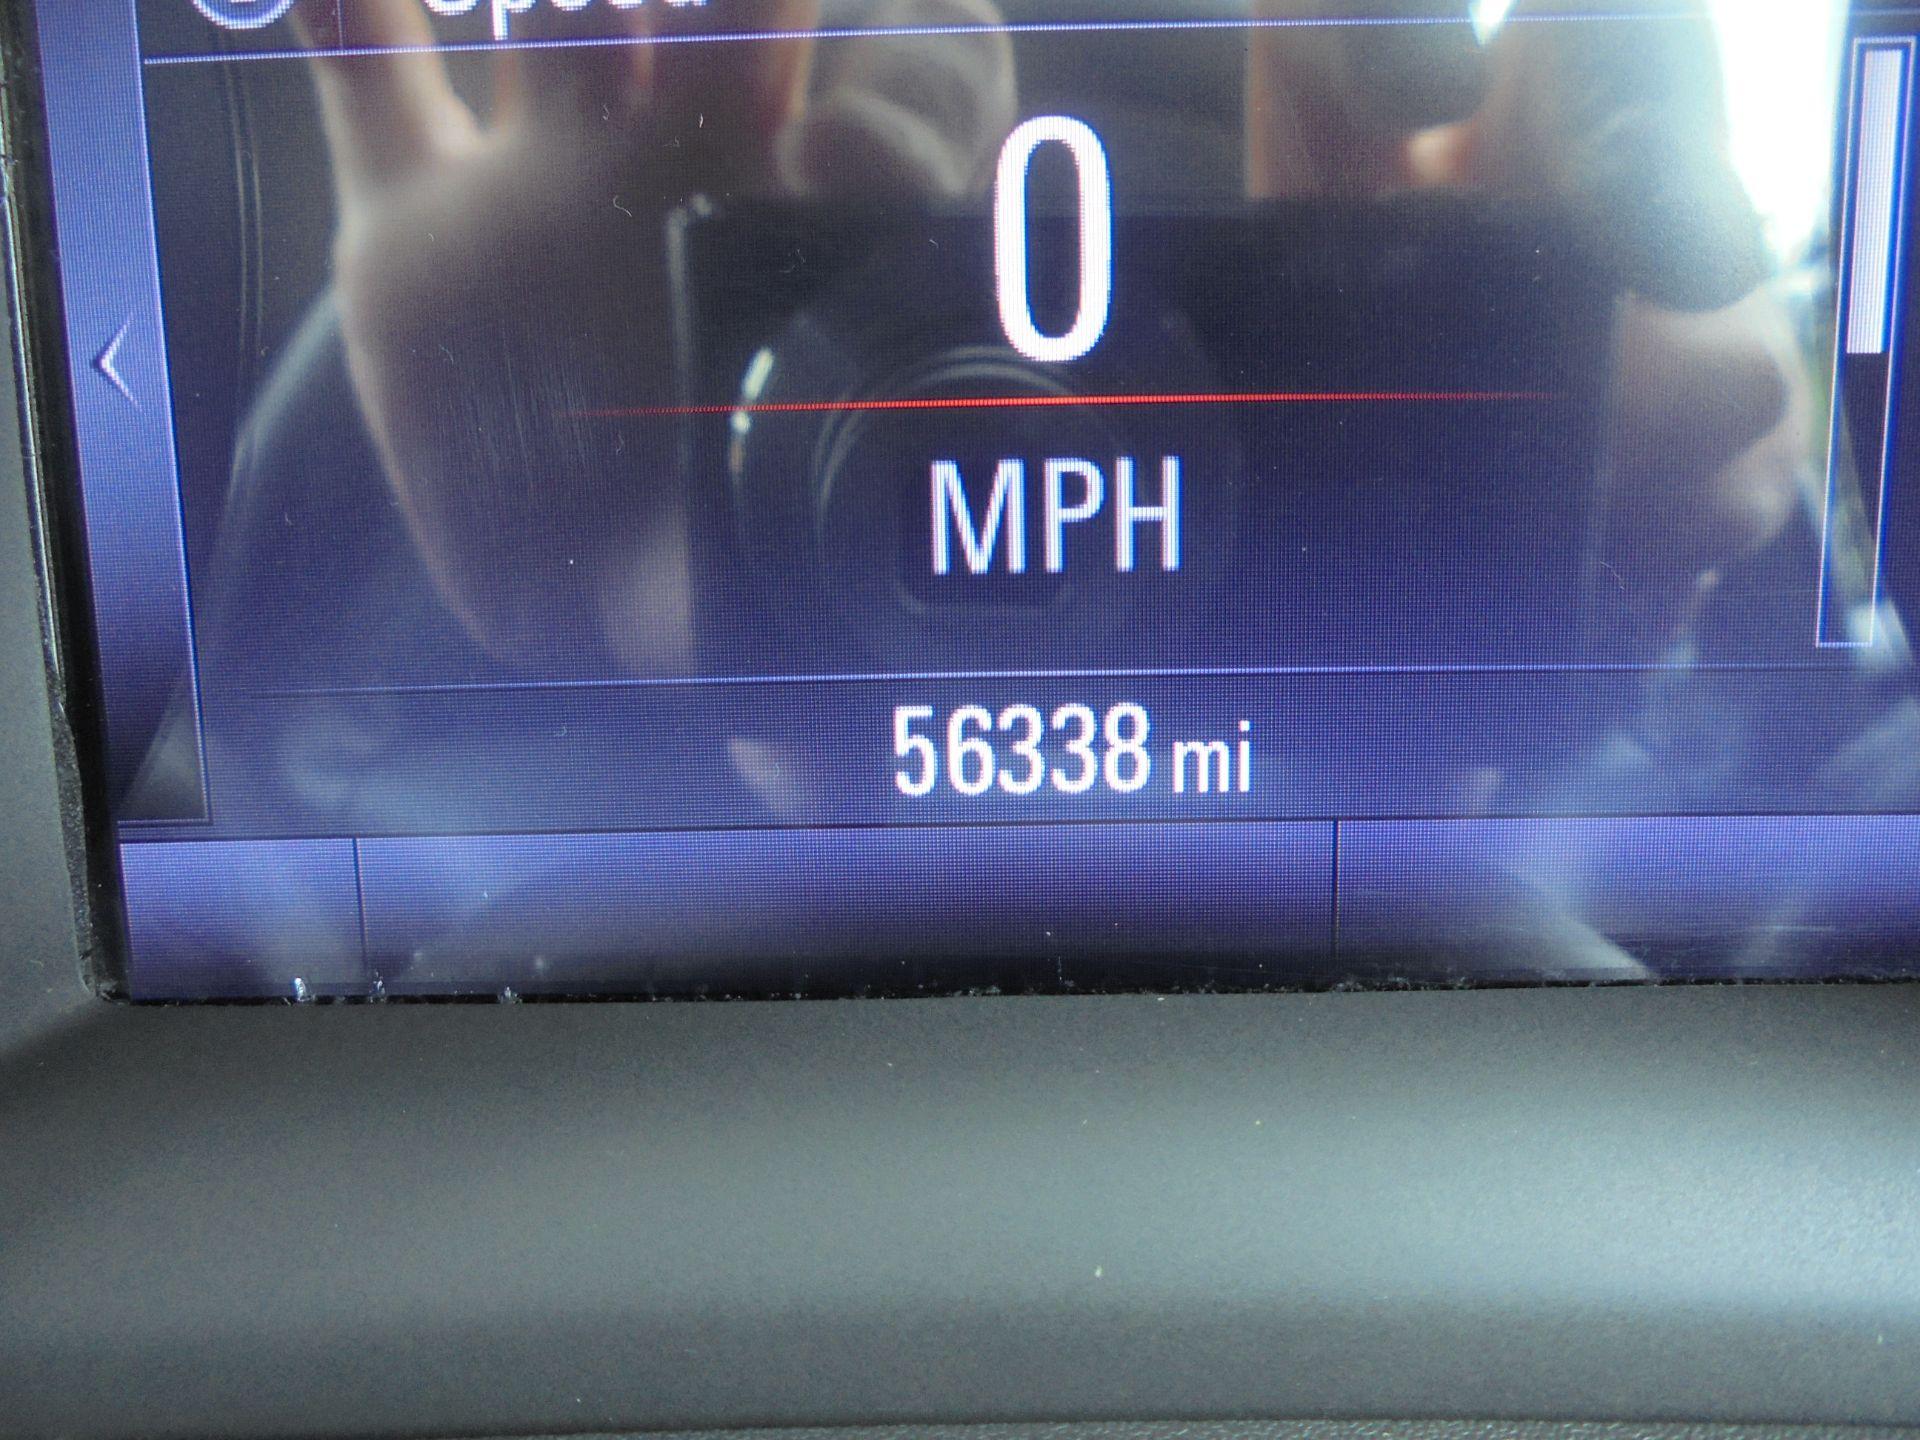 2018 Vauxhall Astra 1.6 Cdti 16V Ecoflex Sri Nav 5Dr (VE18TXA) Image 13